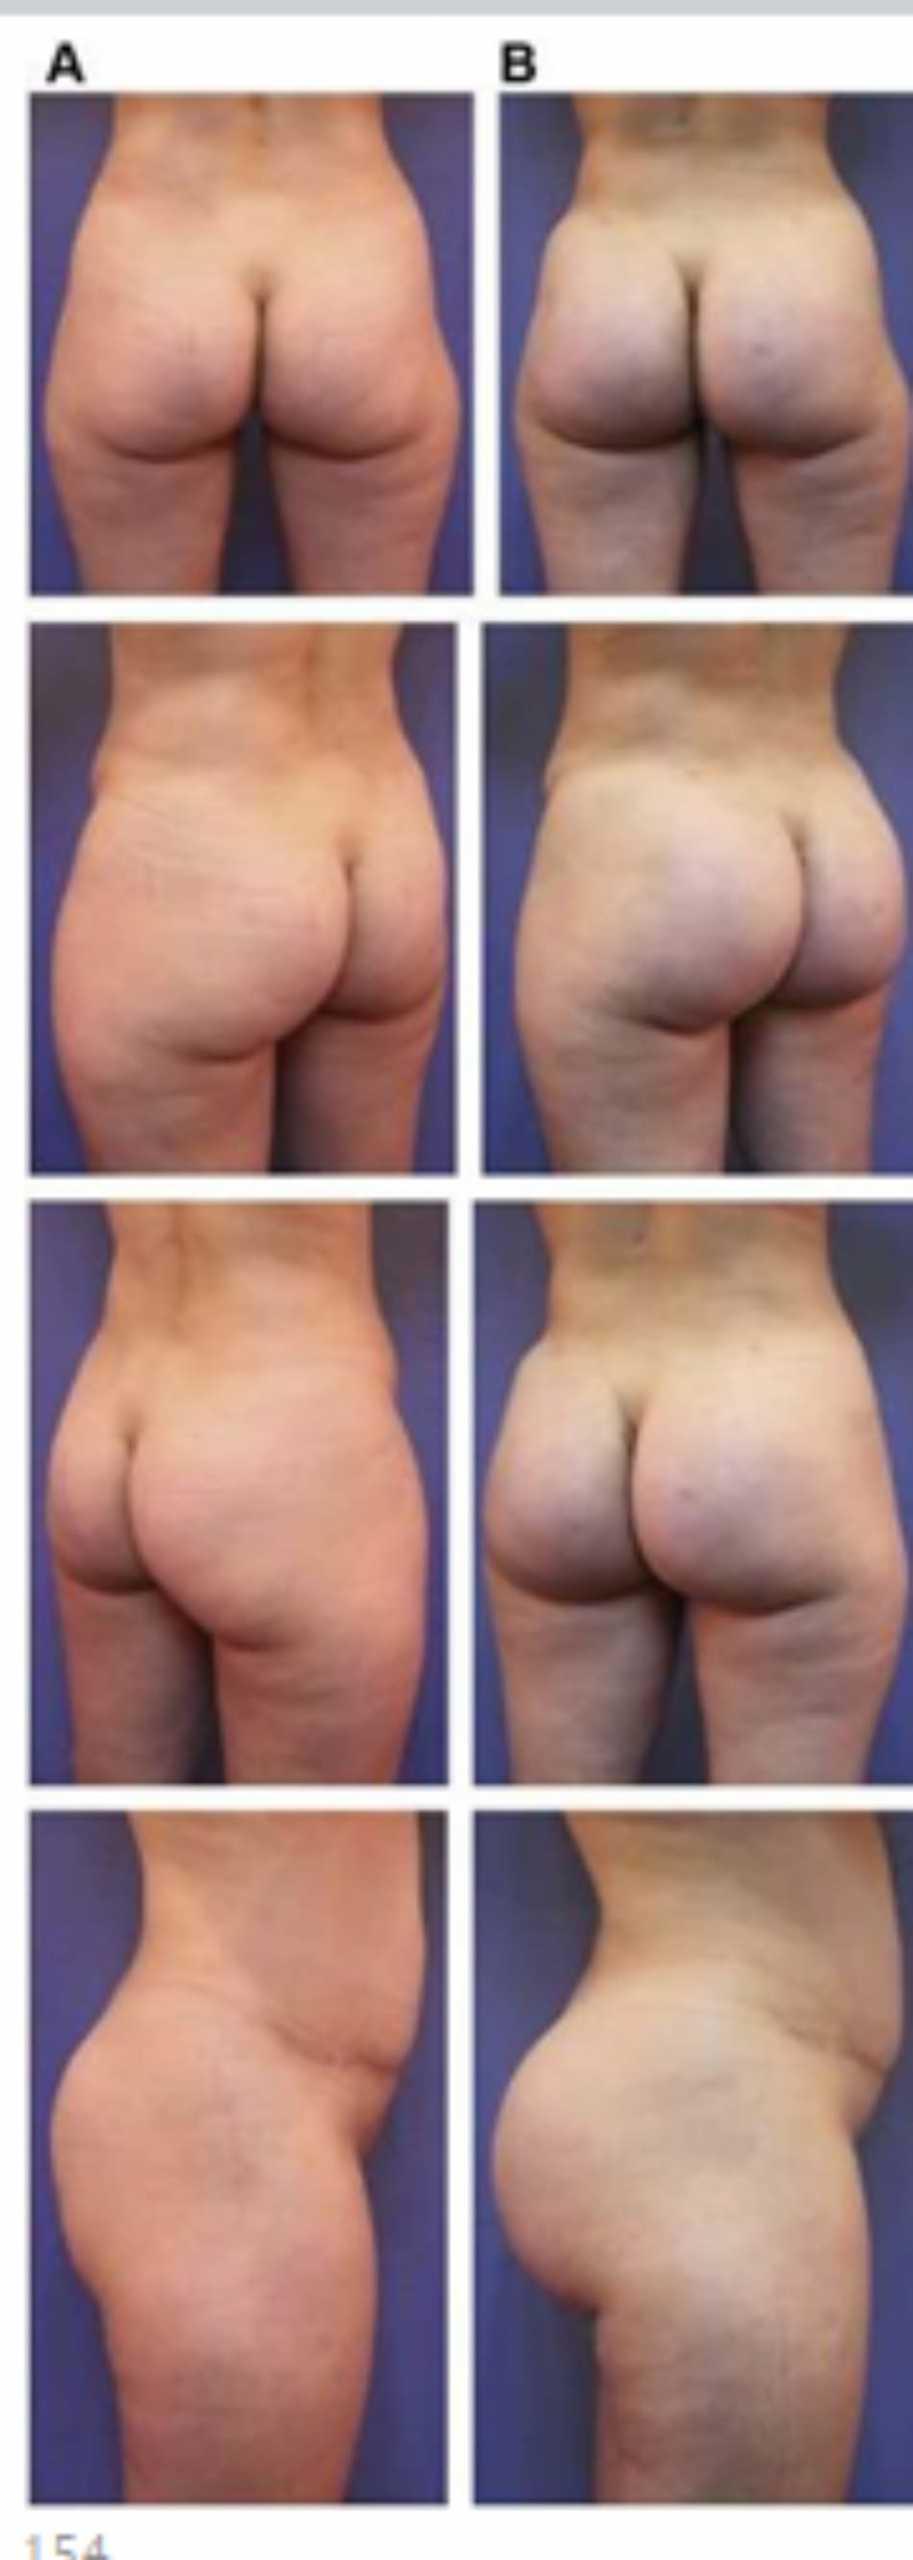 Hình. 20. (A) Hình anh trước và (B) và sau phẫu thuật làm đầy mông của bệnh nhân có vùng mông tương đối đầy đặn. Bệnh nhân được đặt khối implant dưới cân thể tích 330 mL ở hai bên.